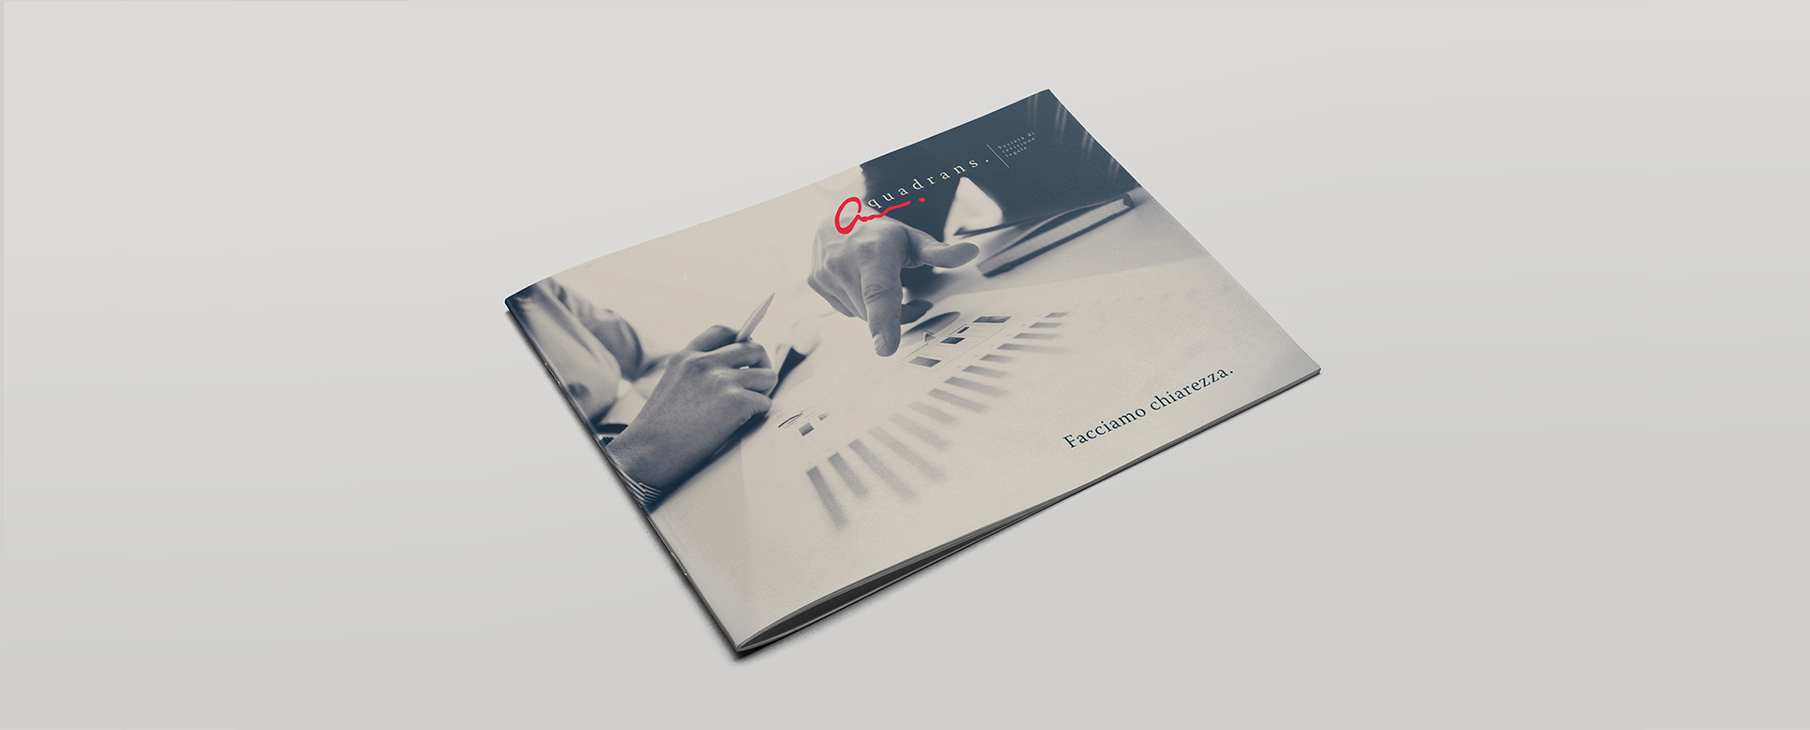 quadrans_project_brochure_1